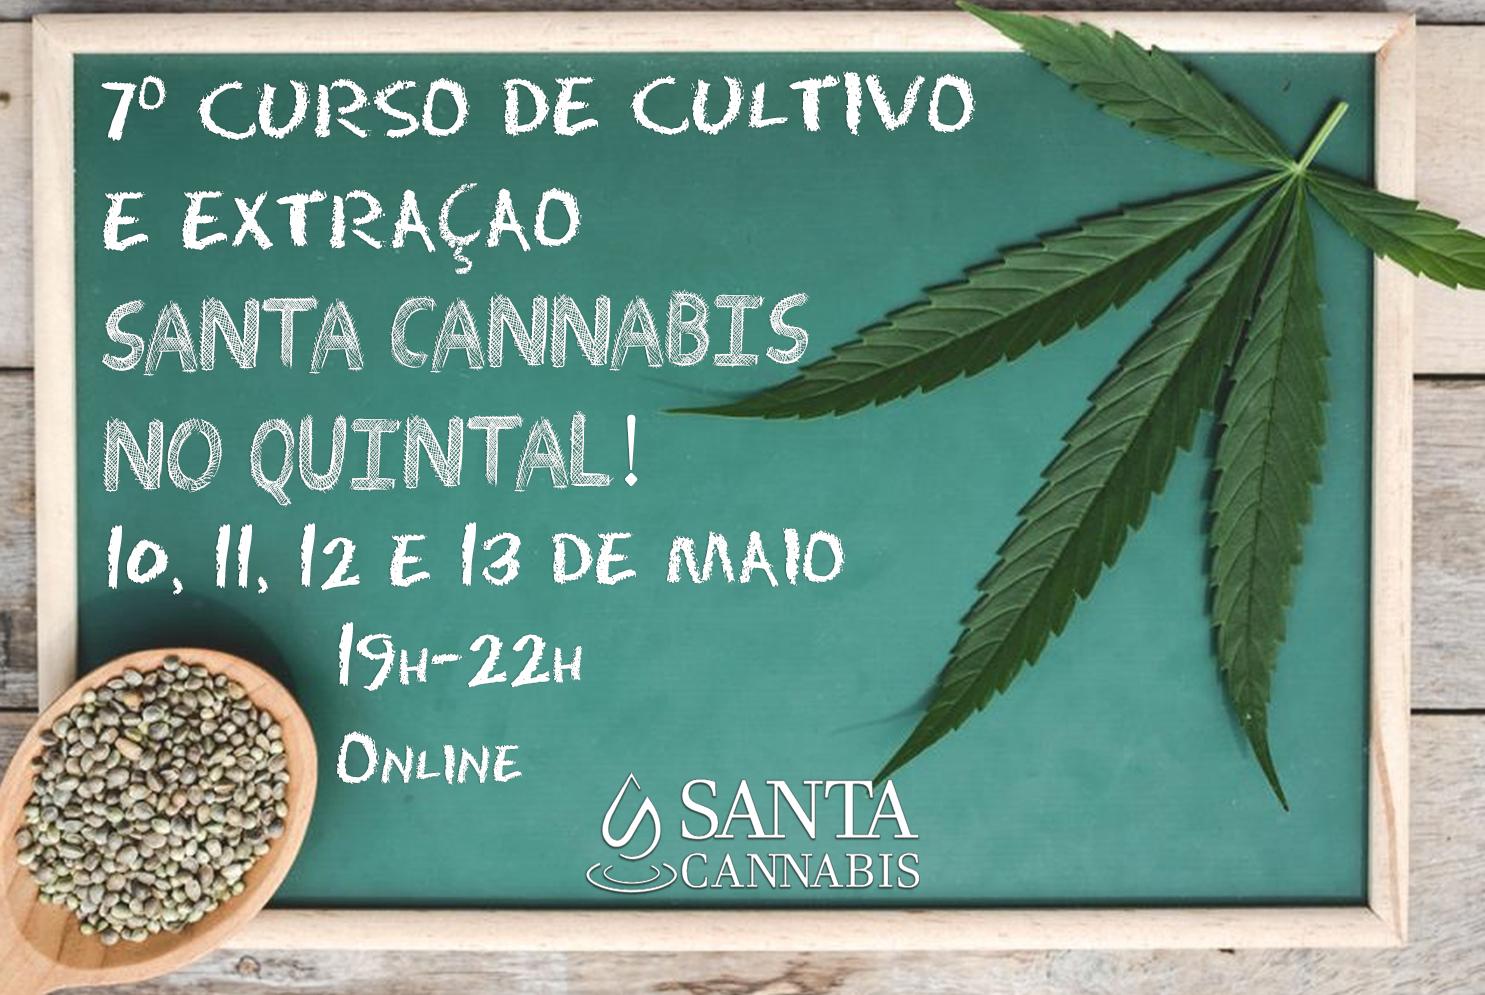 7º Curso de Cultivo e Extração Santa Cannabis no Quintal – INSCREVA-SE